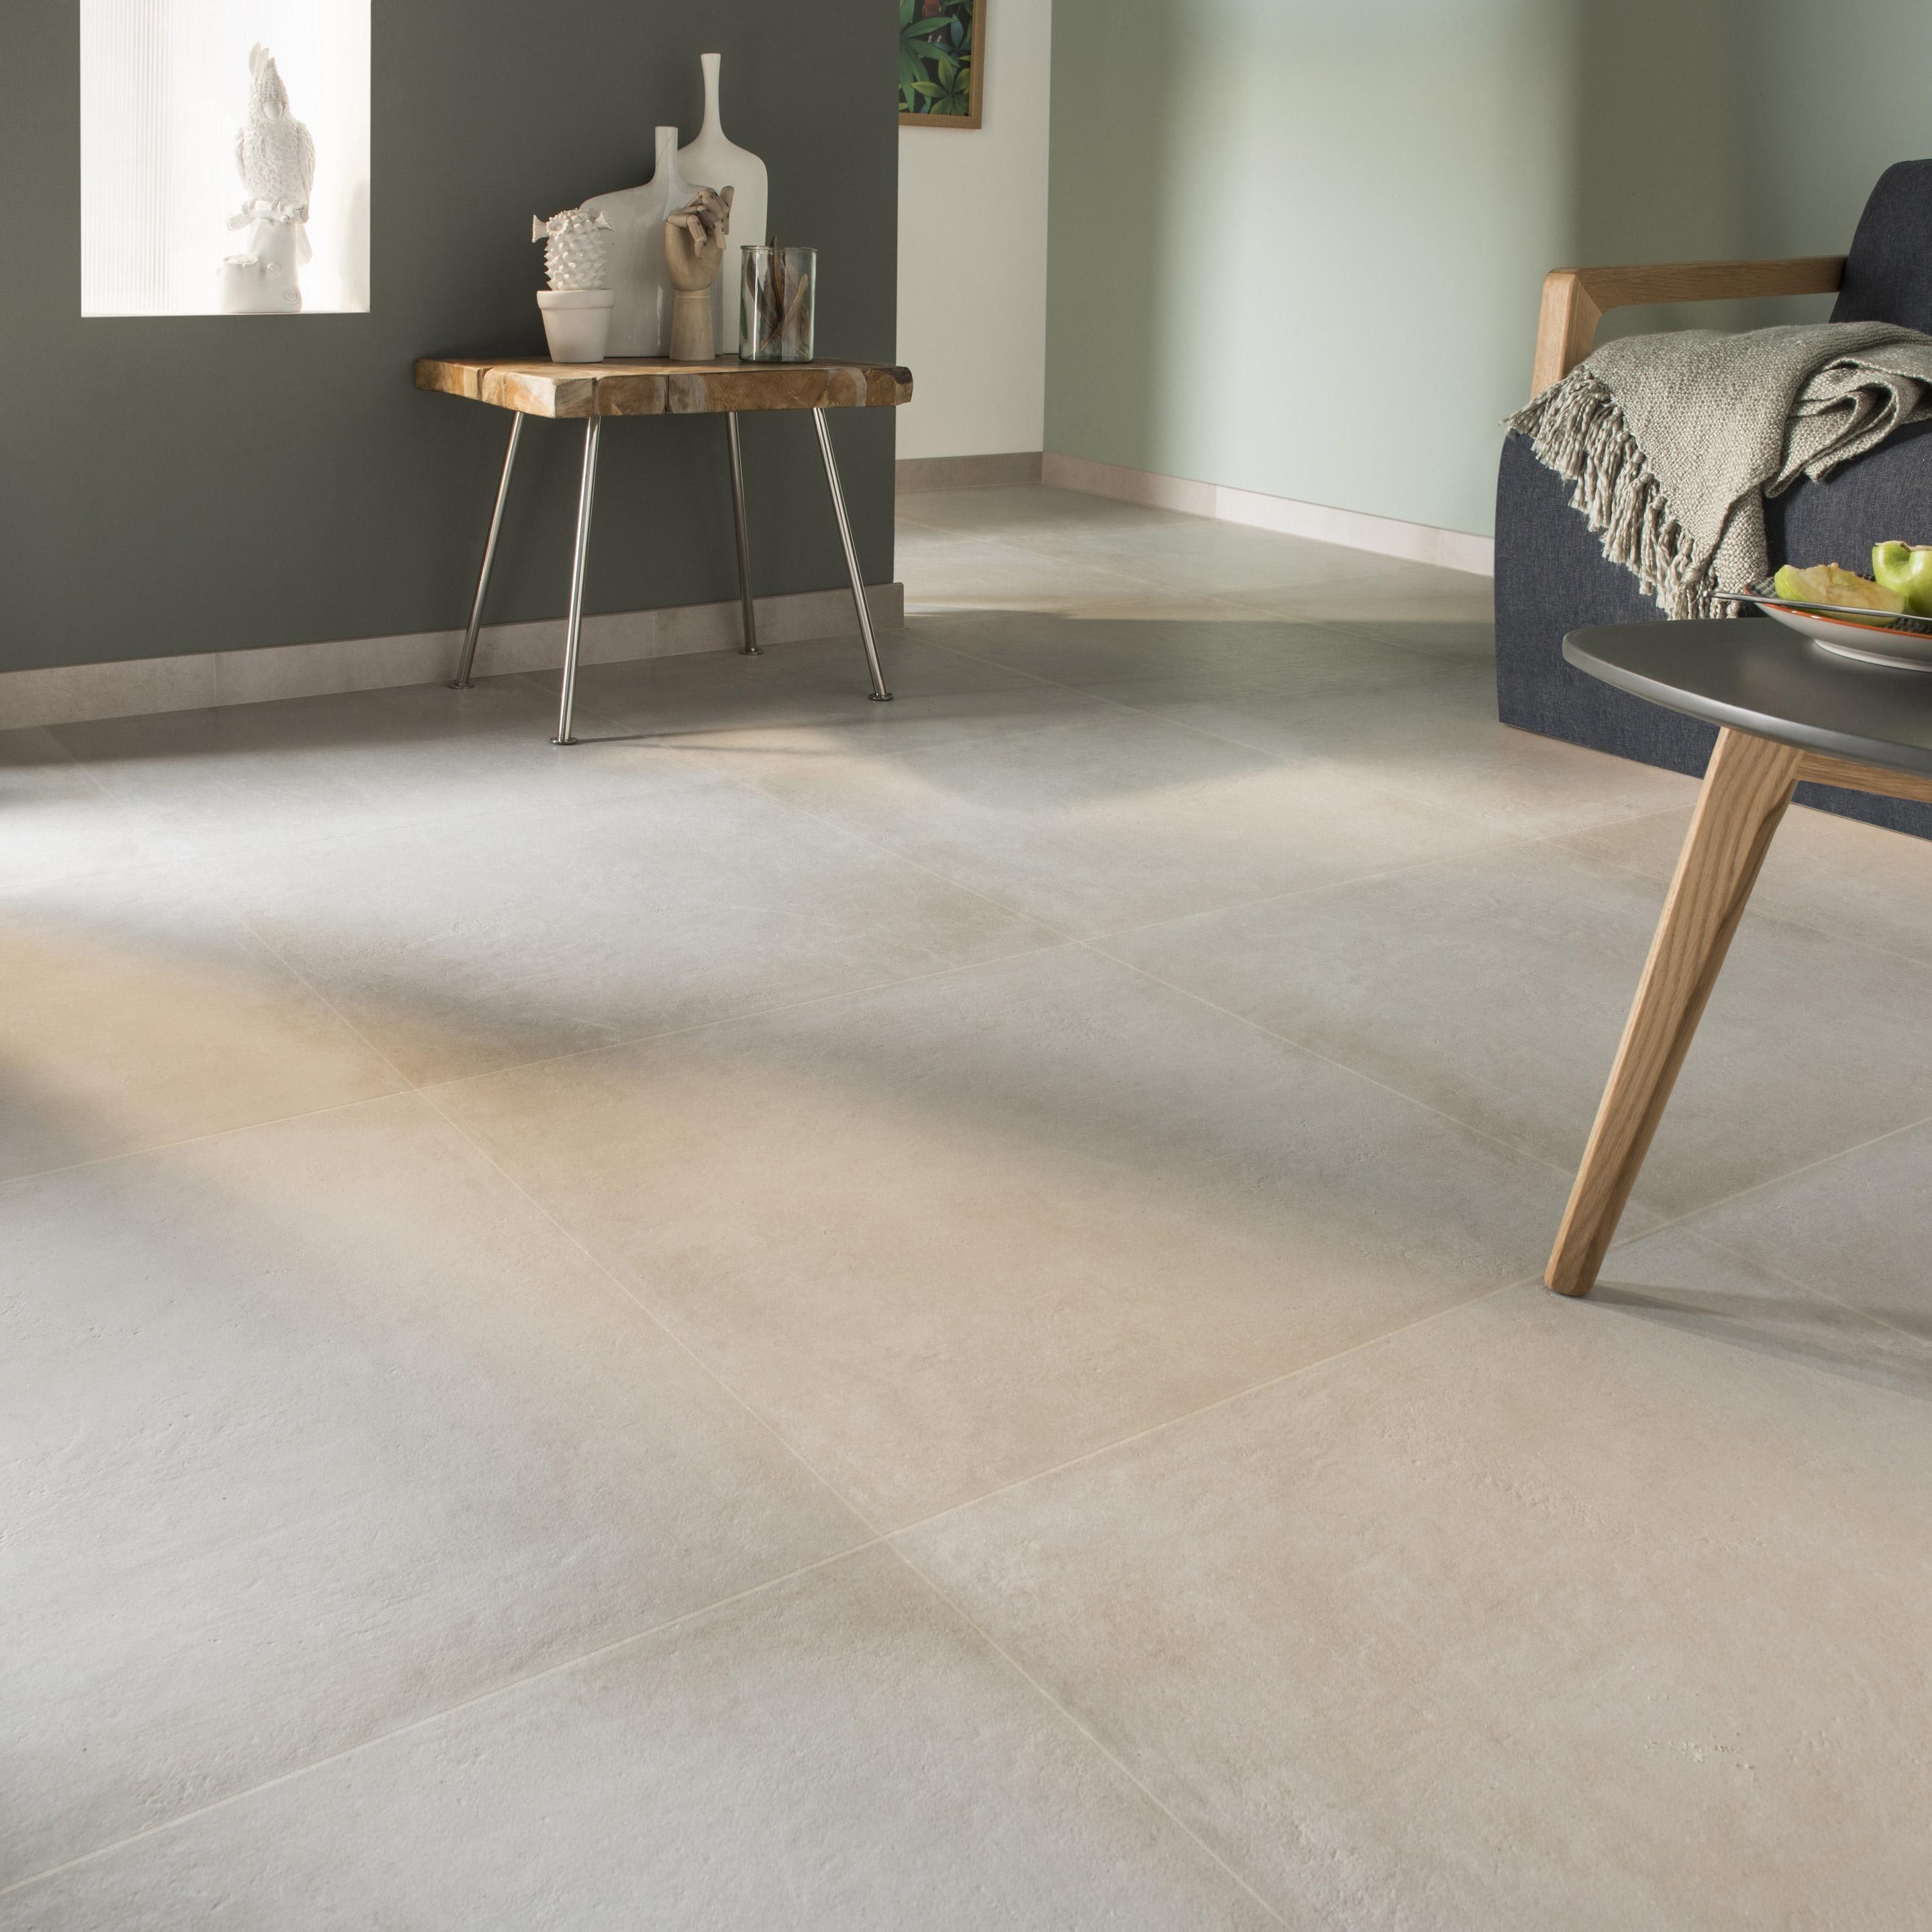 Carrelage Sol Et Mur Blanc Casse Effet Beton Time L 60 X L 60 Cm En 2020 Carrelage Interieur Carrelage Sol Idee Carrelage